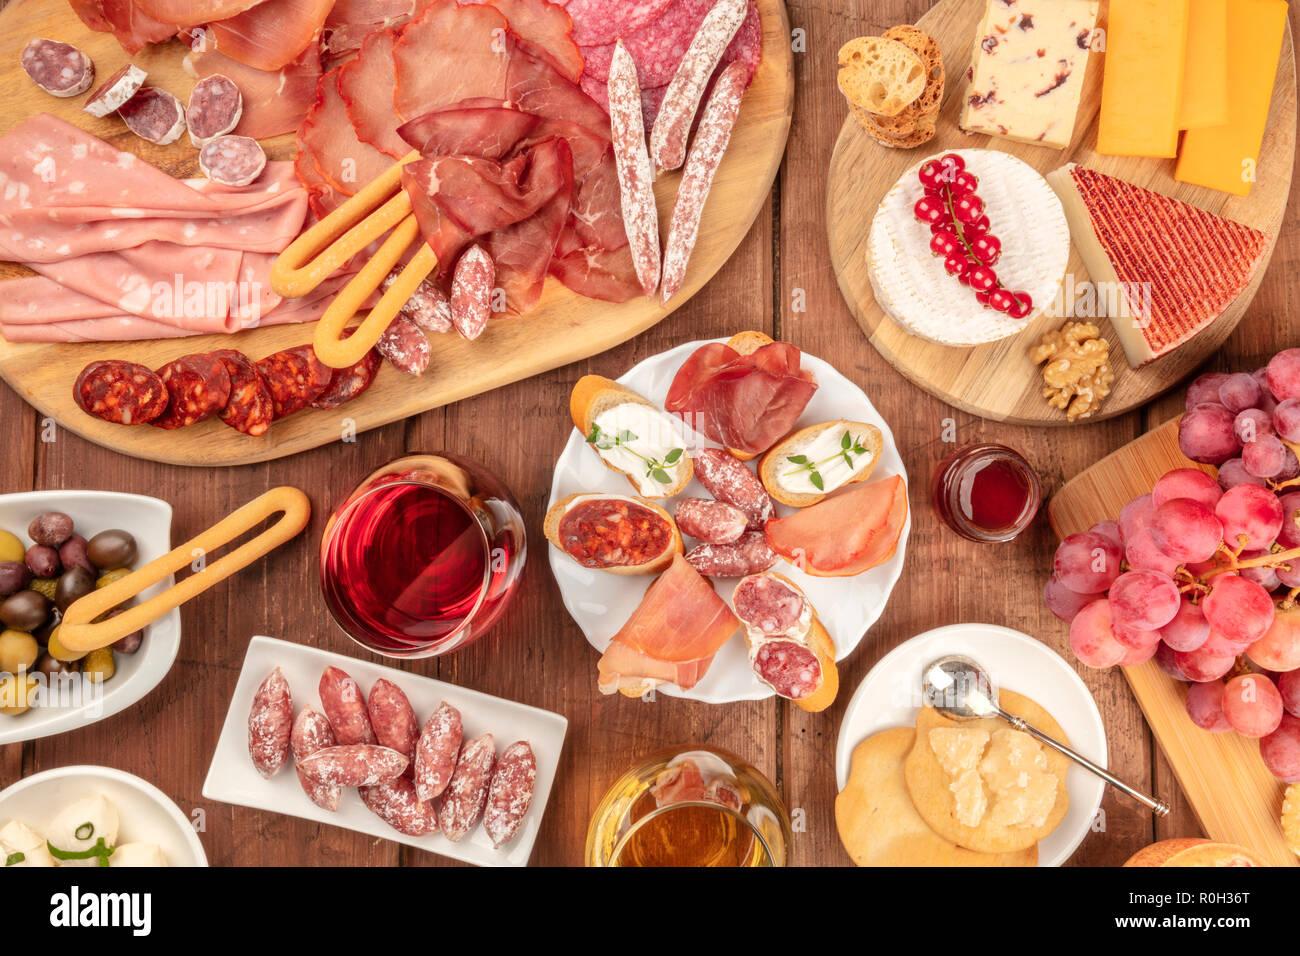 Dégustation de charcuterie. Une photo d'un grand nombre de saucisses et de jambons, charcuteries, et une assiette de fromage, tourné à partir de ci-dessus, sur un fond rustique avec du vin rouge Banque D'Images